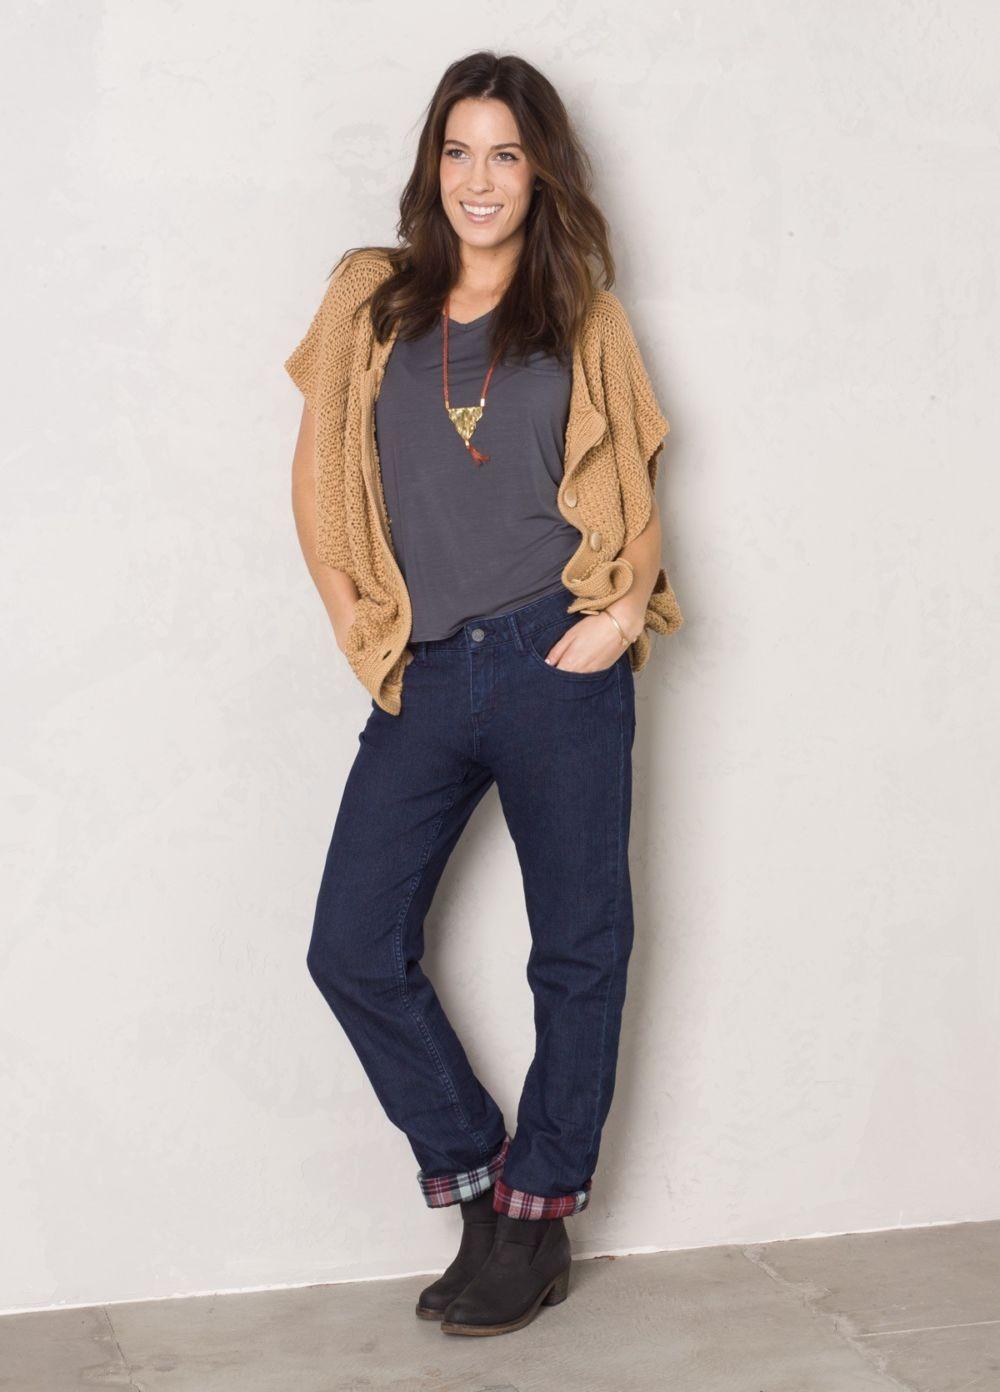 какие джинсы в моде в 2018 женские: бойфренды темно-синие